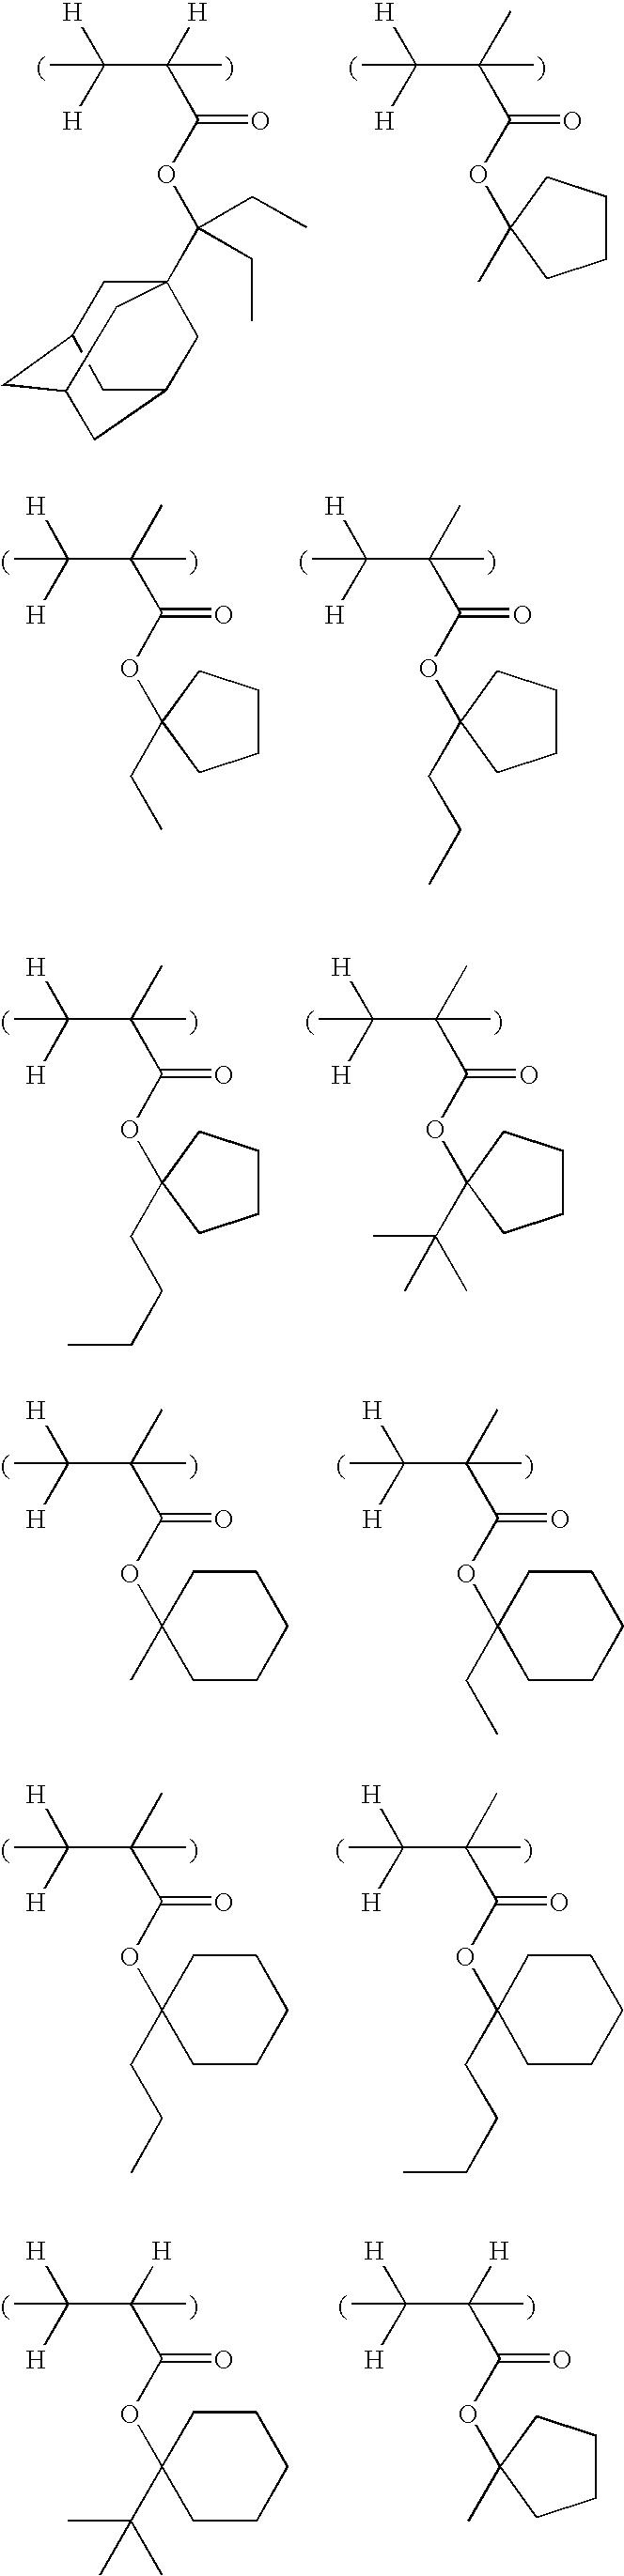 Figure US07569326-20090804-C00024